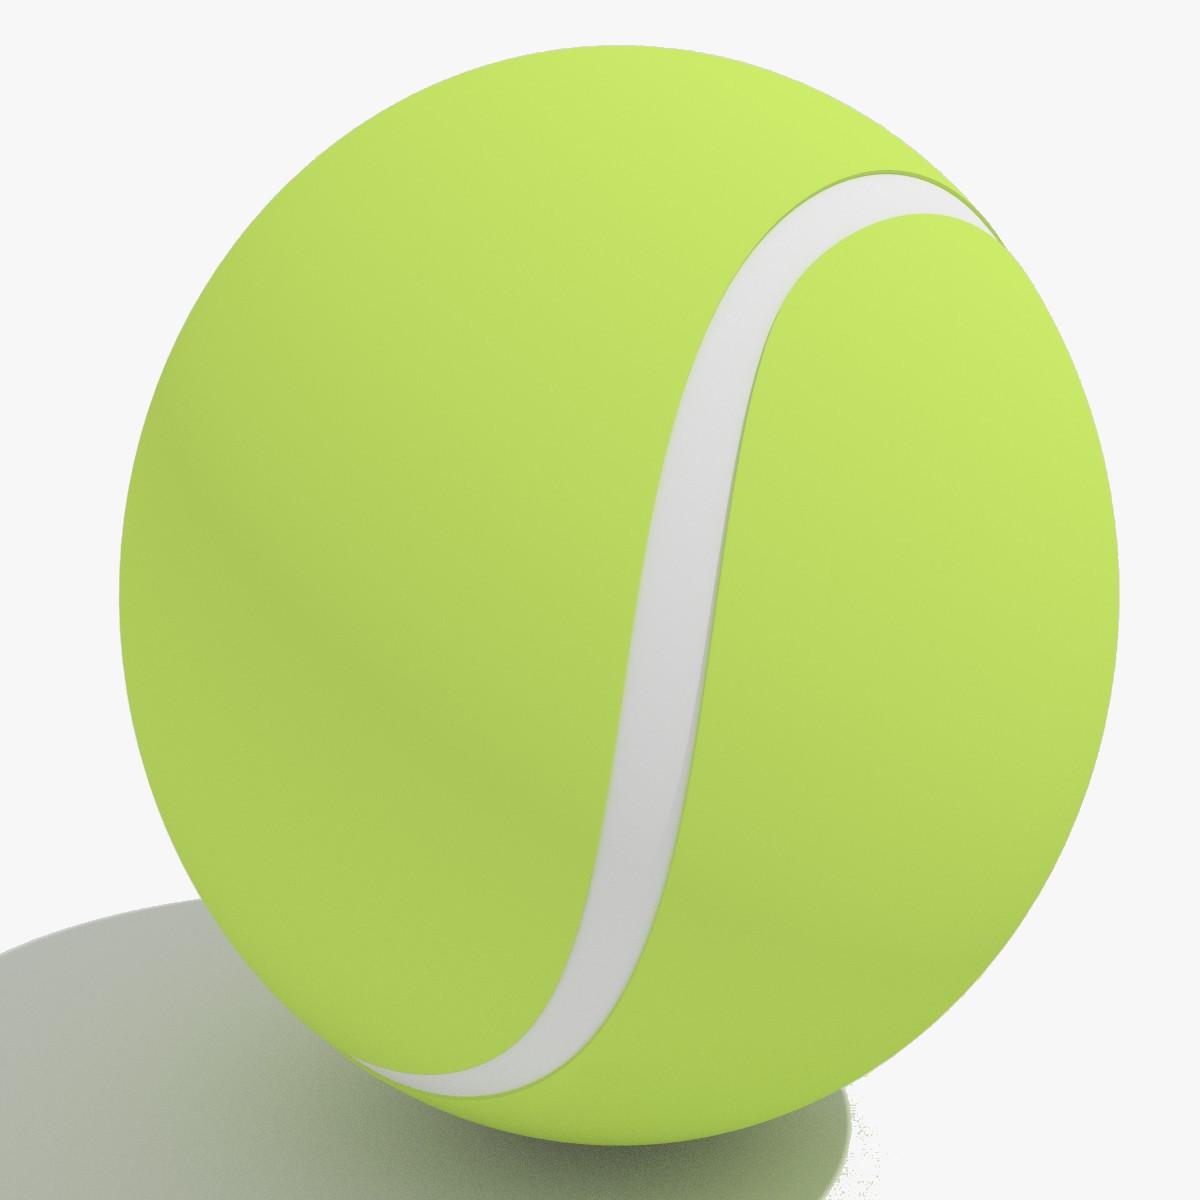 Ball_01.jpg